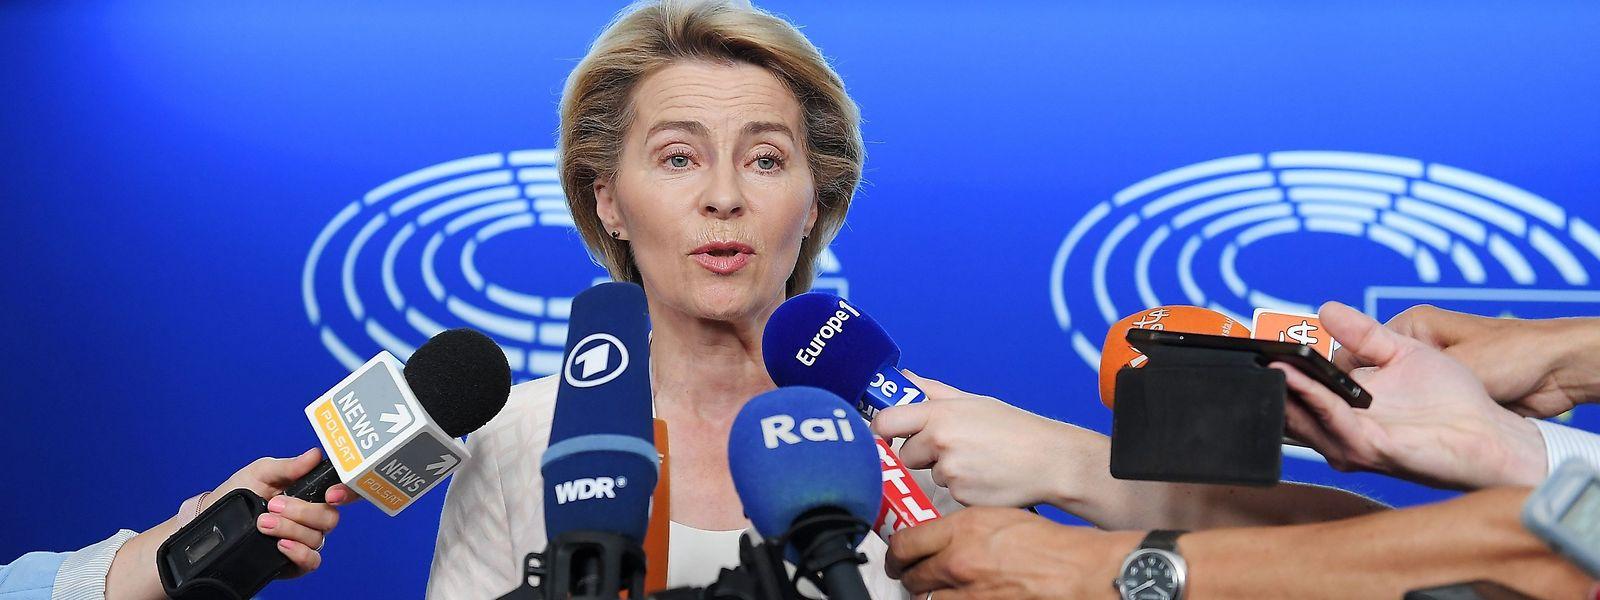 Ursula von der Leyen a réservé son premier déplacement de candidate comme présidente de la Commission à Strasbourg, là où bat «le cœur de la démocratie européenne».